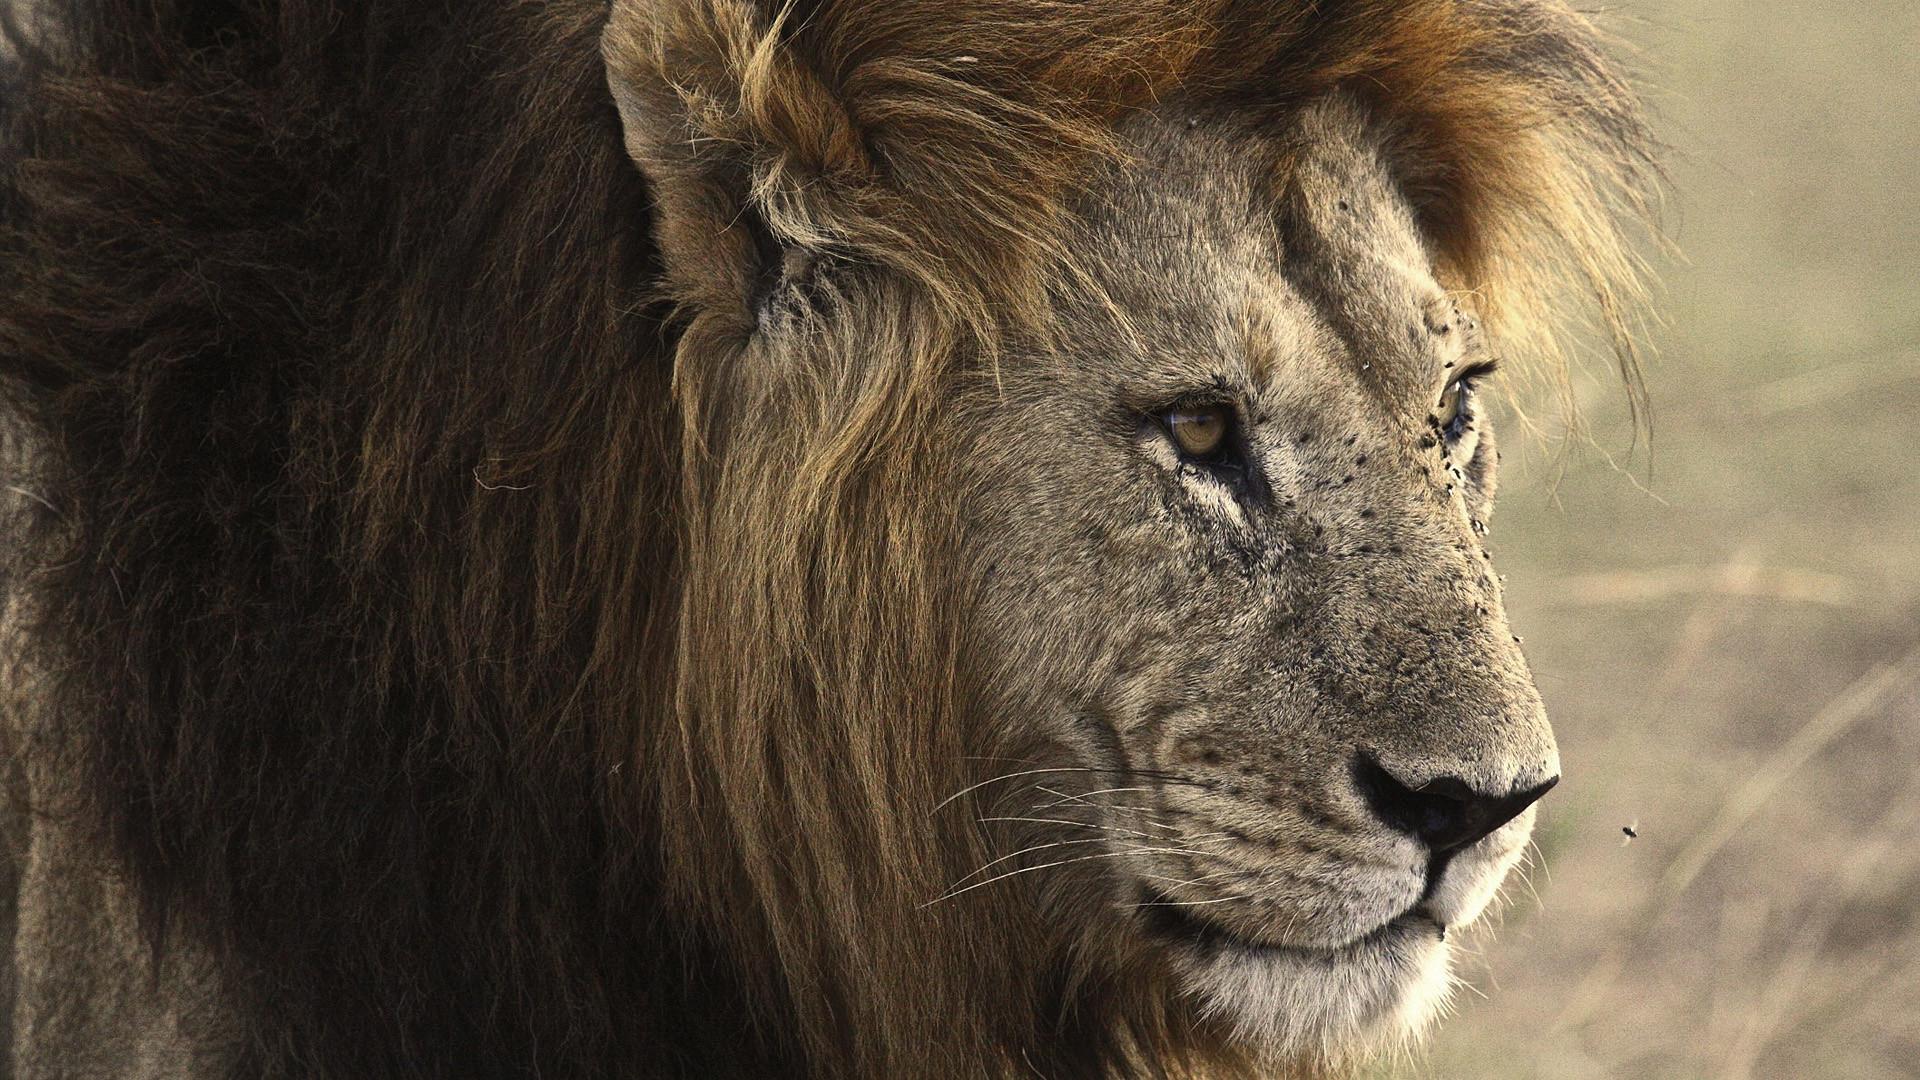 Wallpaper Lion Black Lion Mane Rock Src Angry Lion Hd Wallpaper Male 1920x1080 Download Hd Wallpaper Wallpapertip